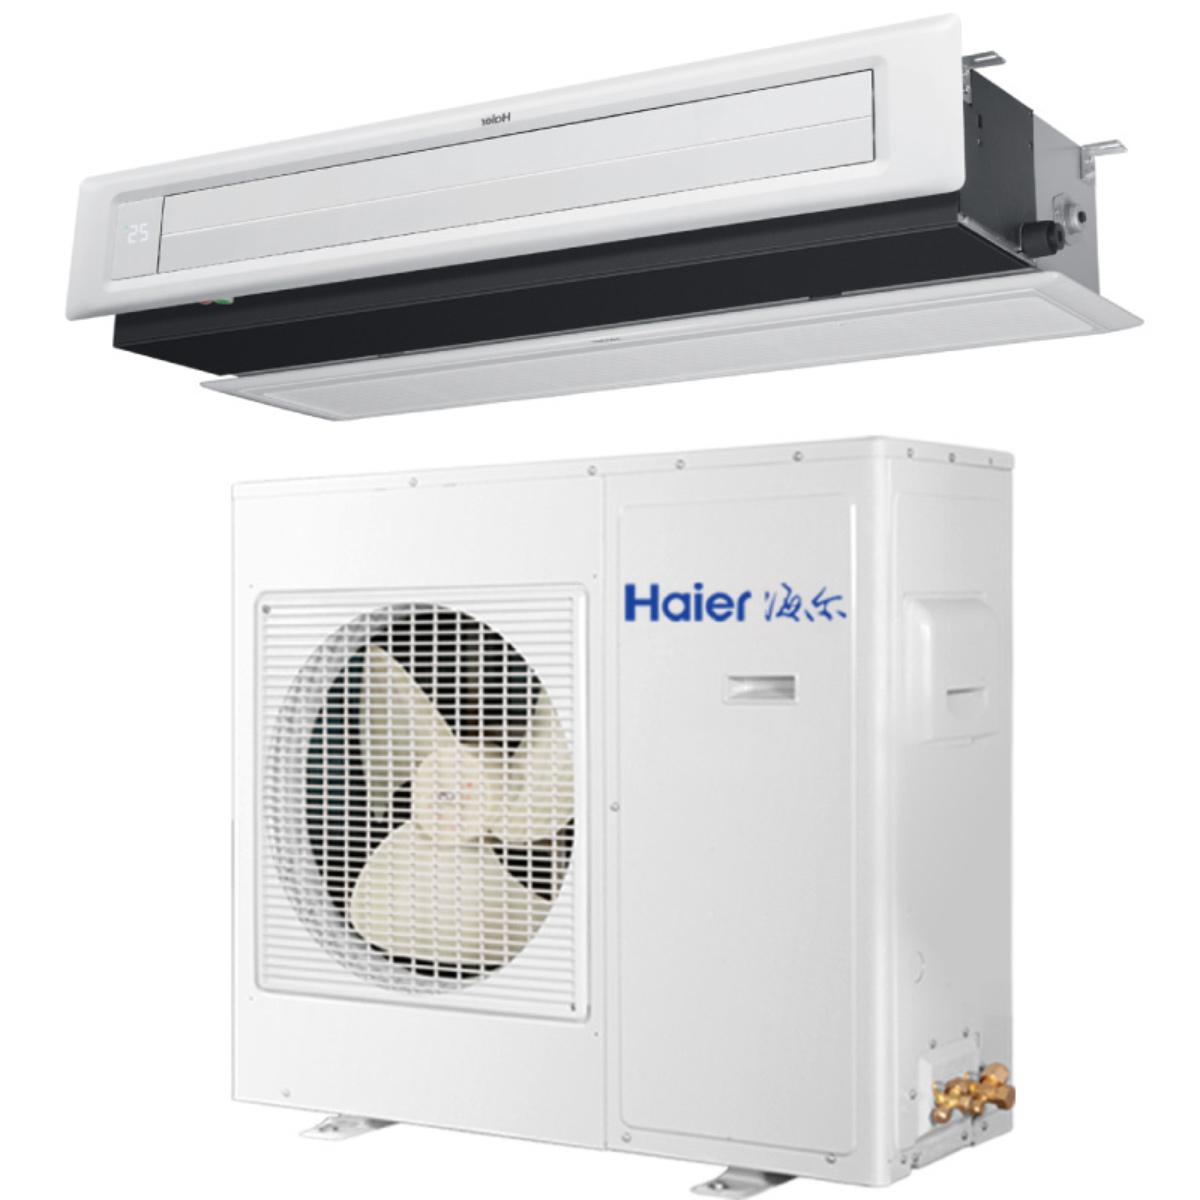 Haier/海尔 定频风管机 智尊系列 KFRd-66NW/56PBA12